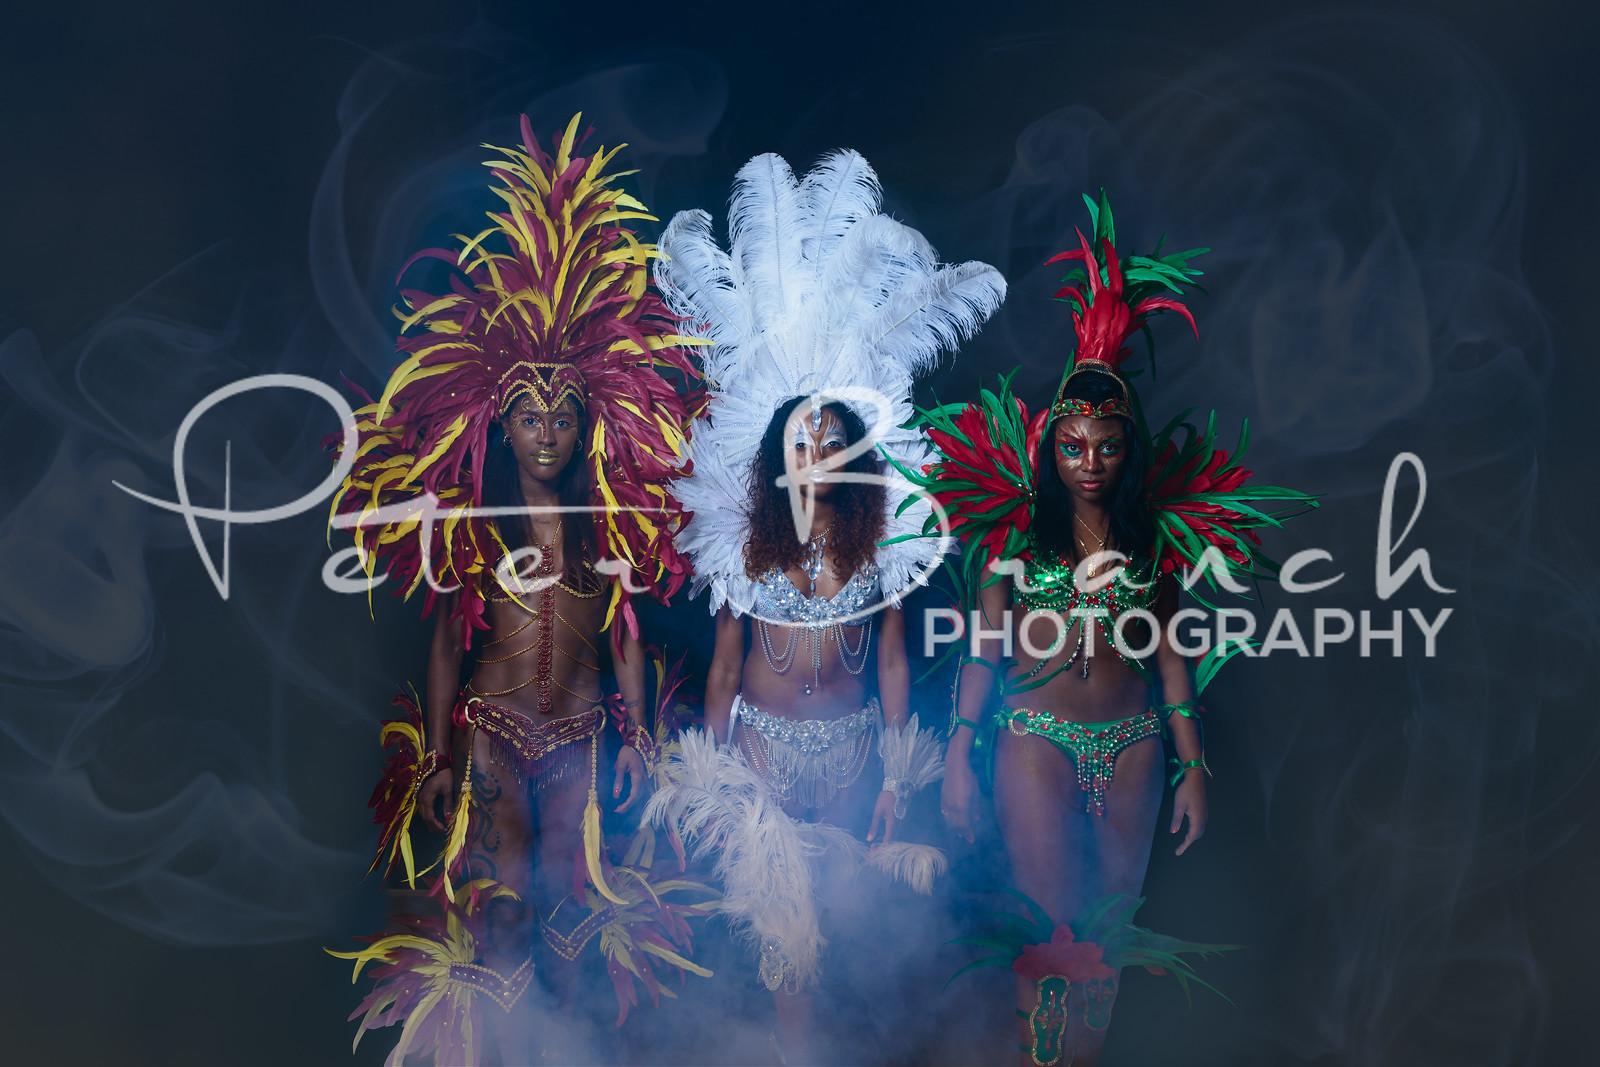 Funatik 2014 costumes